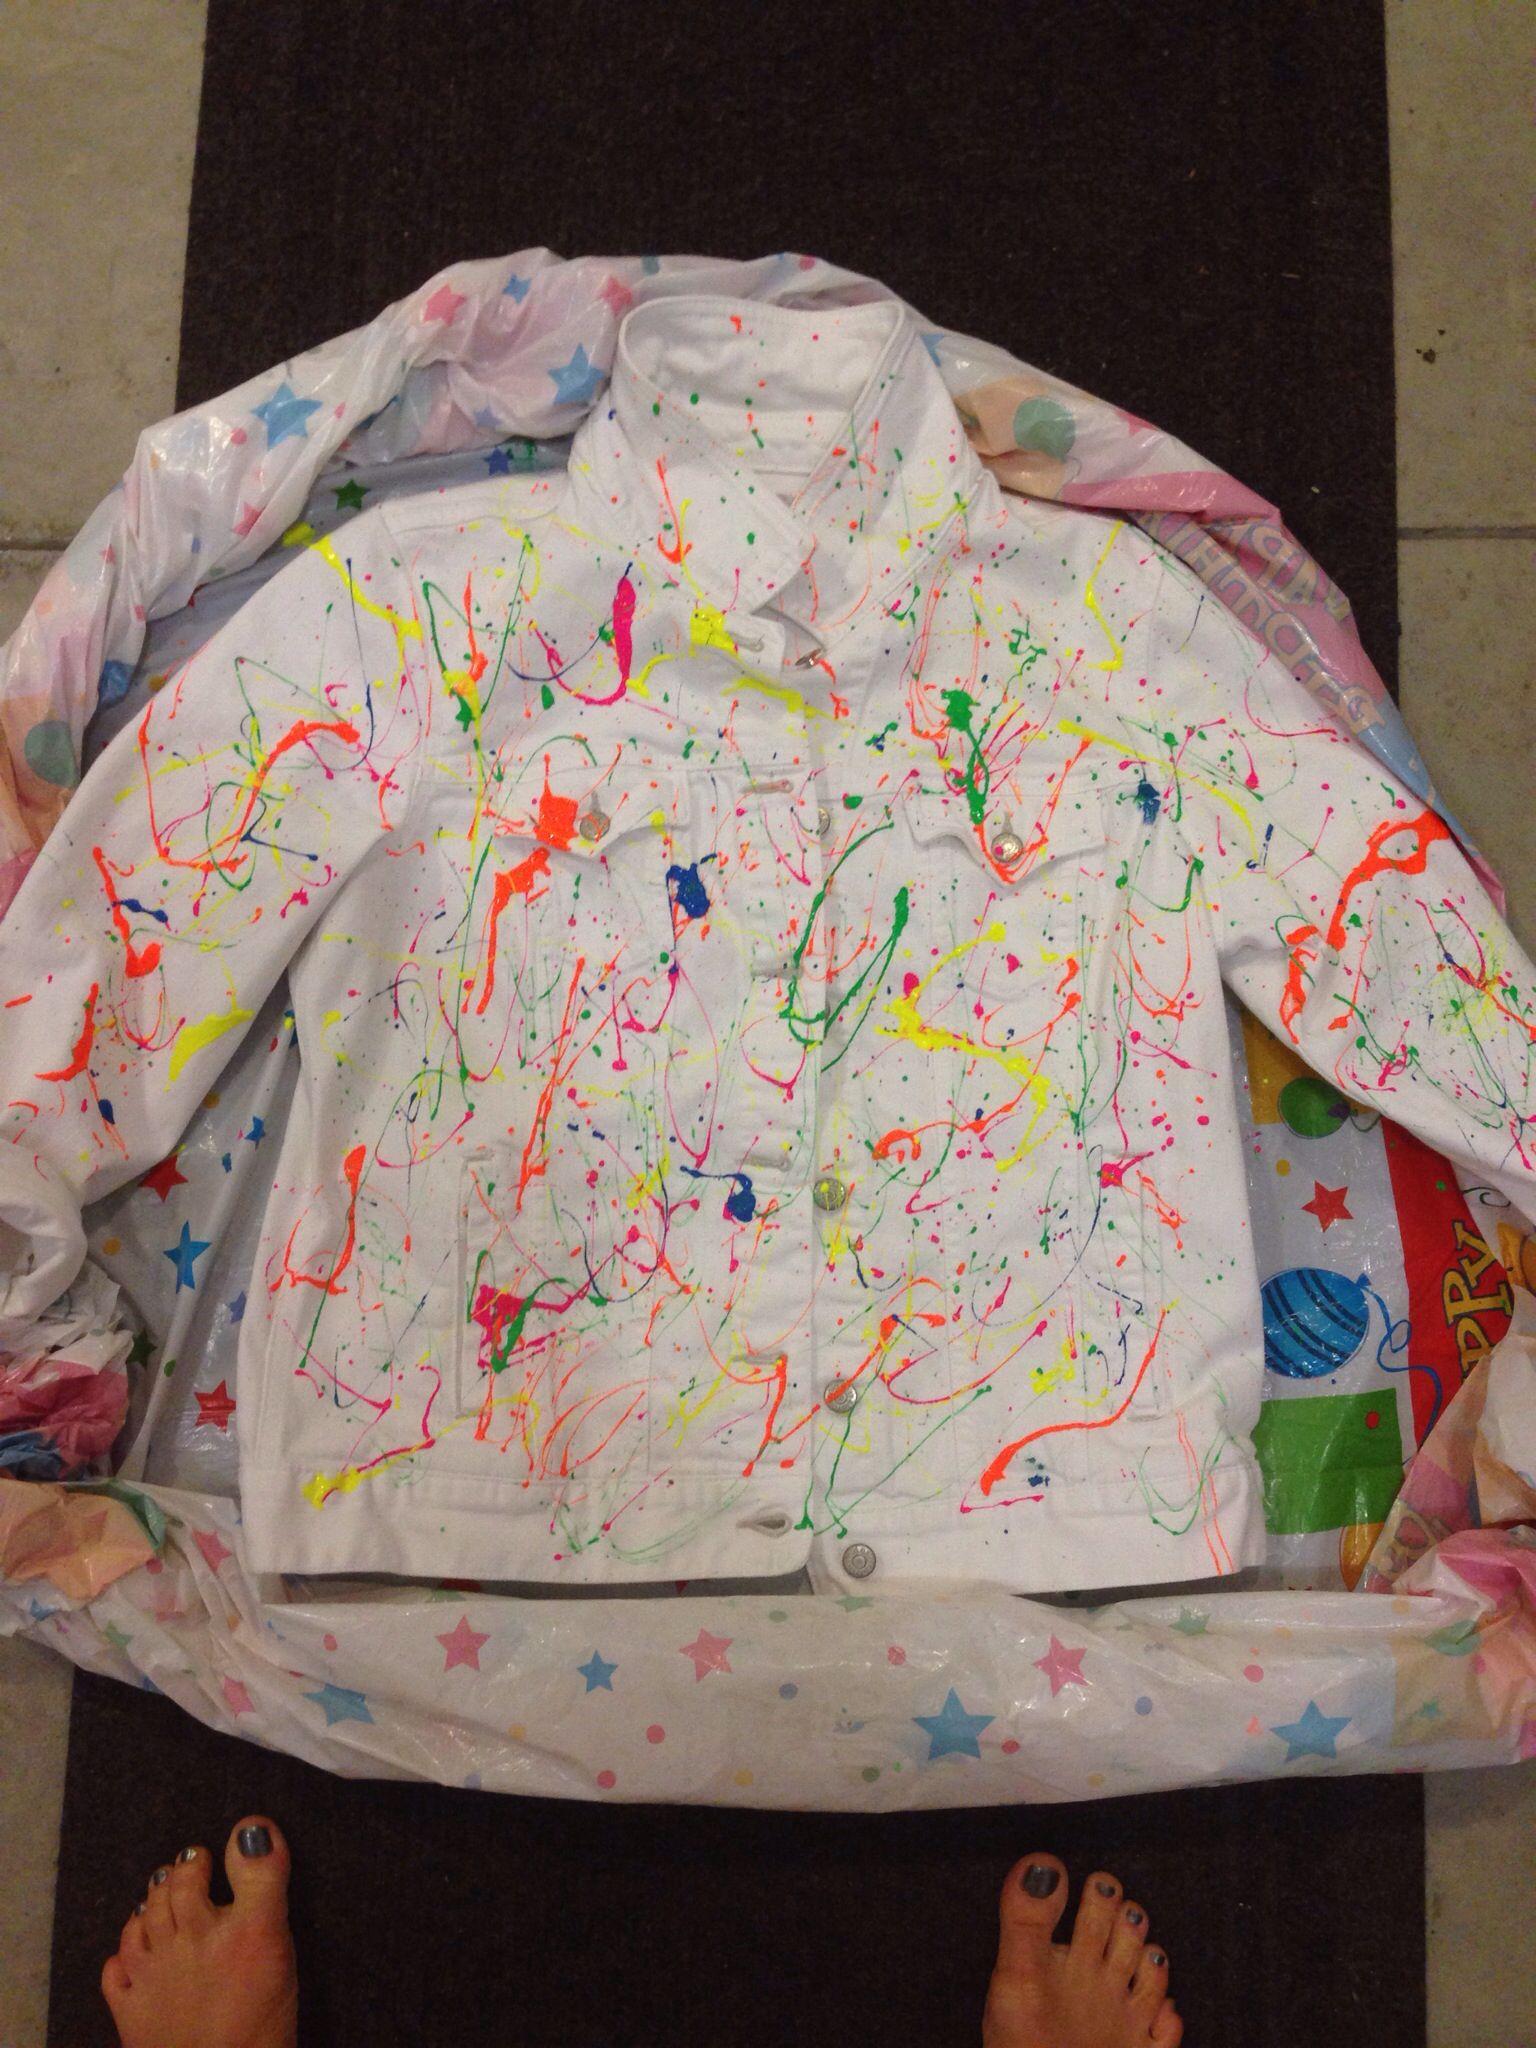 80 S Party Splatter Paint Jean Jacket Paint Splatter Jeans Painted Jeans Paint Splatter [ 2048 x 1536 Pixel ]